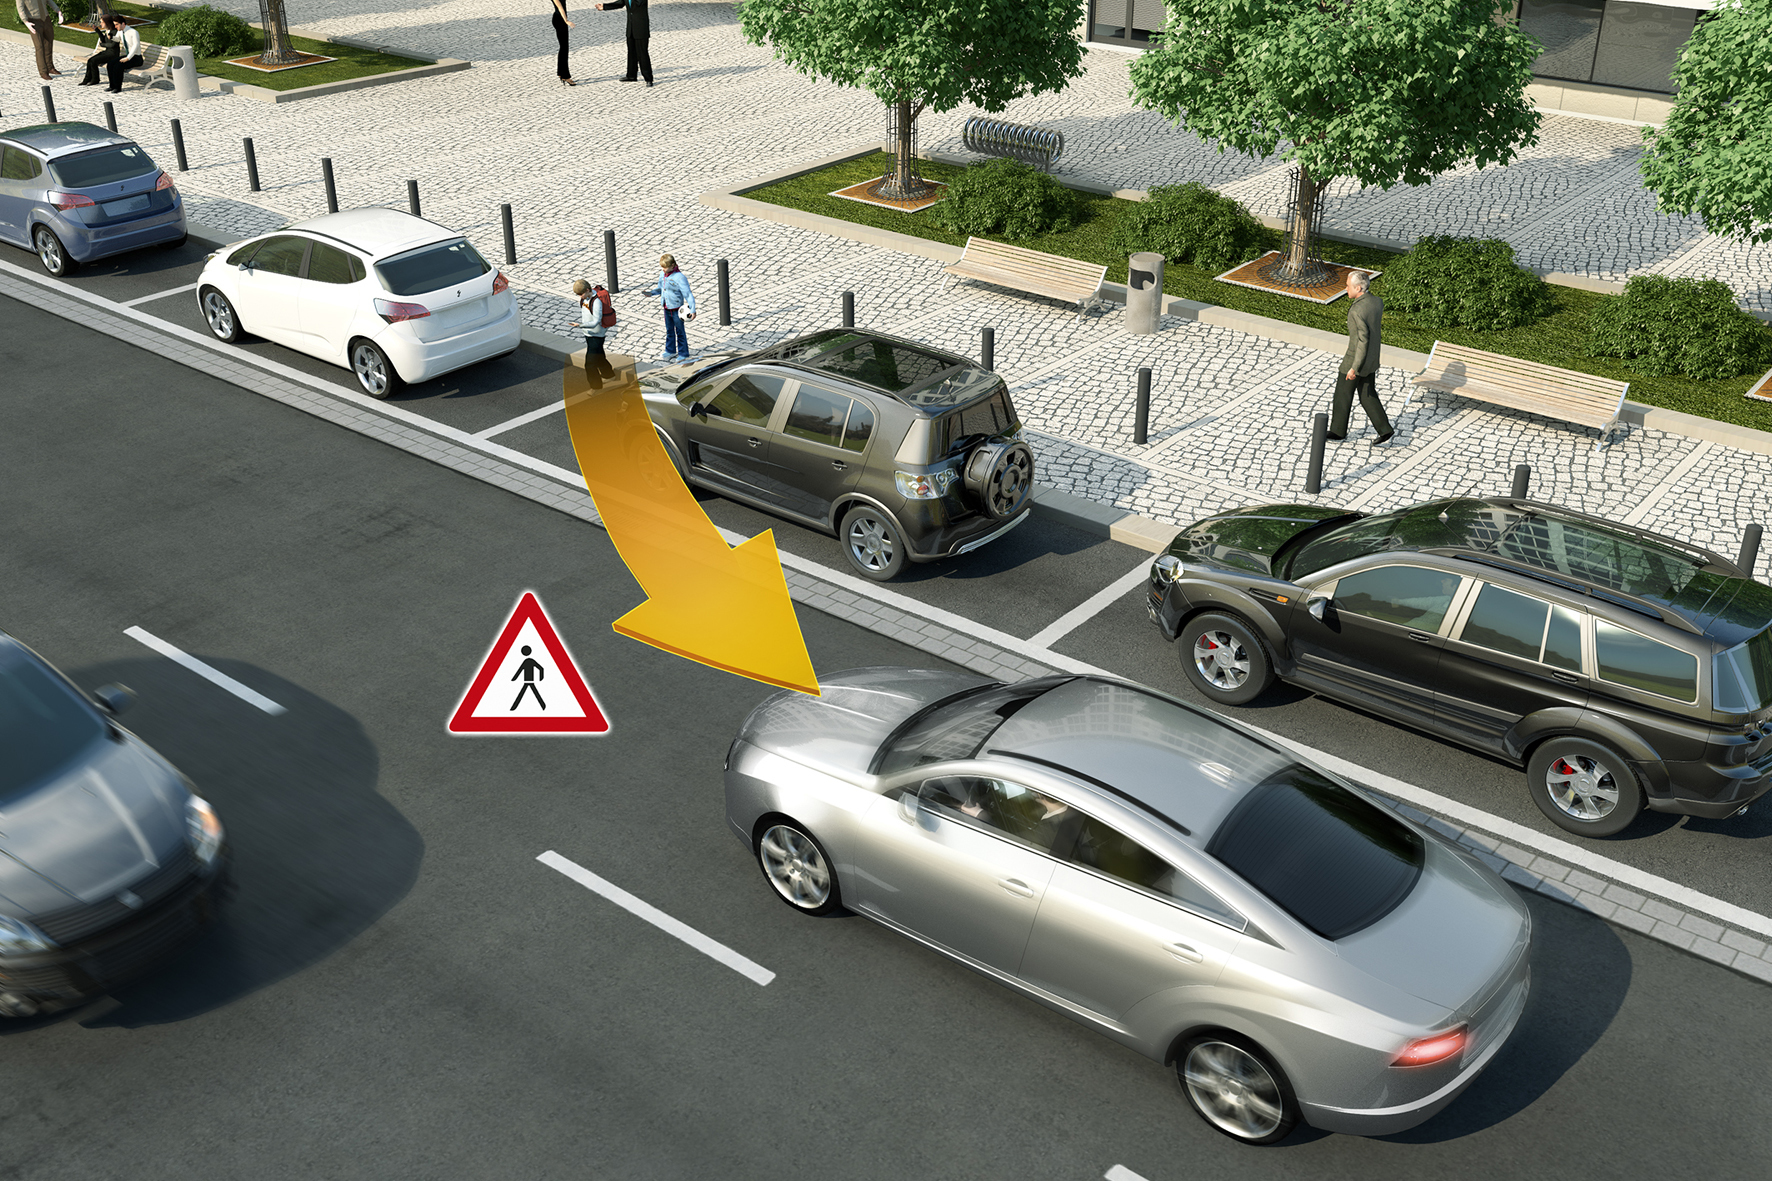 mid Düsseldorf - Achtung Fußgänger: Mittels Kurzstreckenfunk erkennen Autos frühzeitig leicht verwundbare Verkehrsteilnehmer.